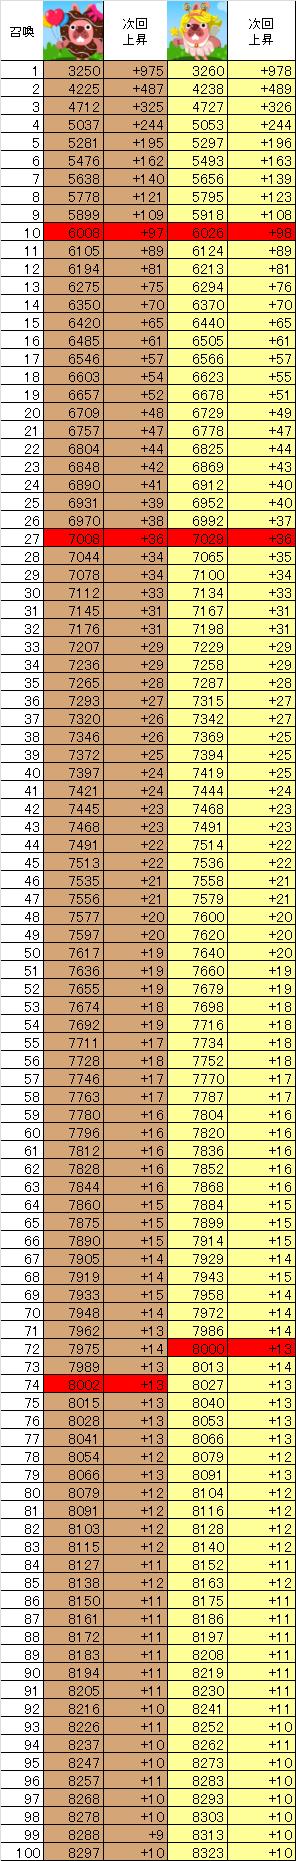 チョコタとスイータの召喚数ごとのパワーの一覧